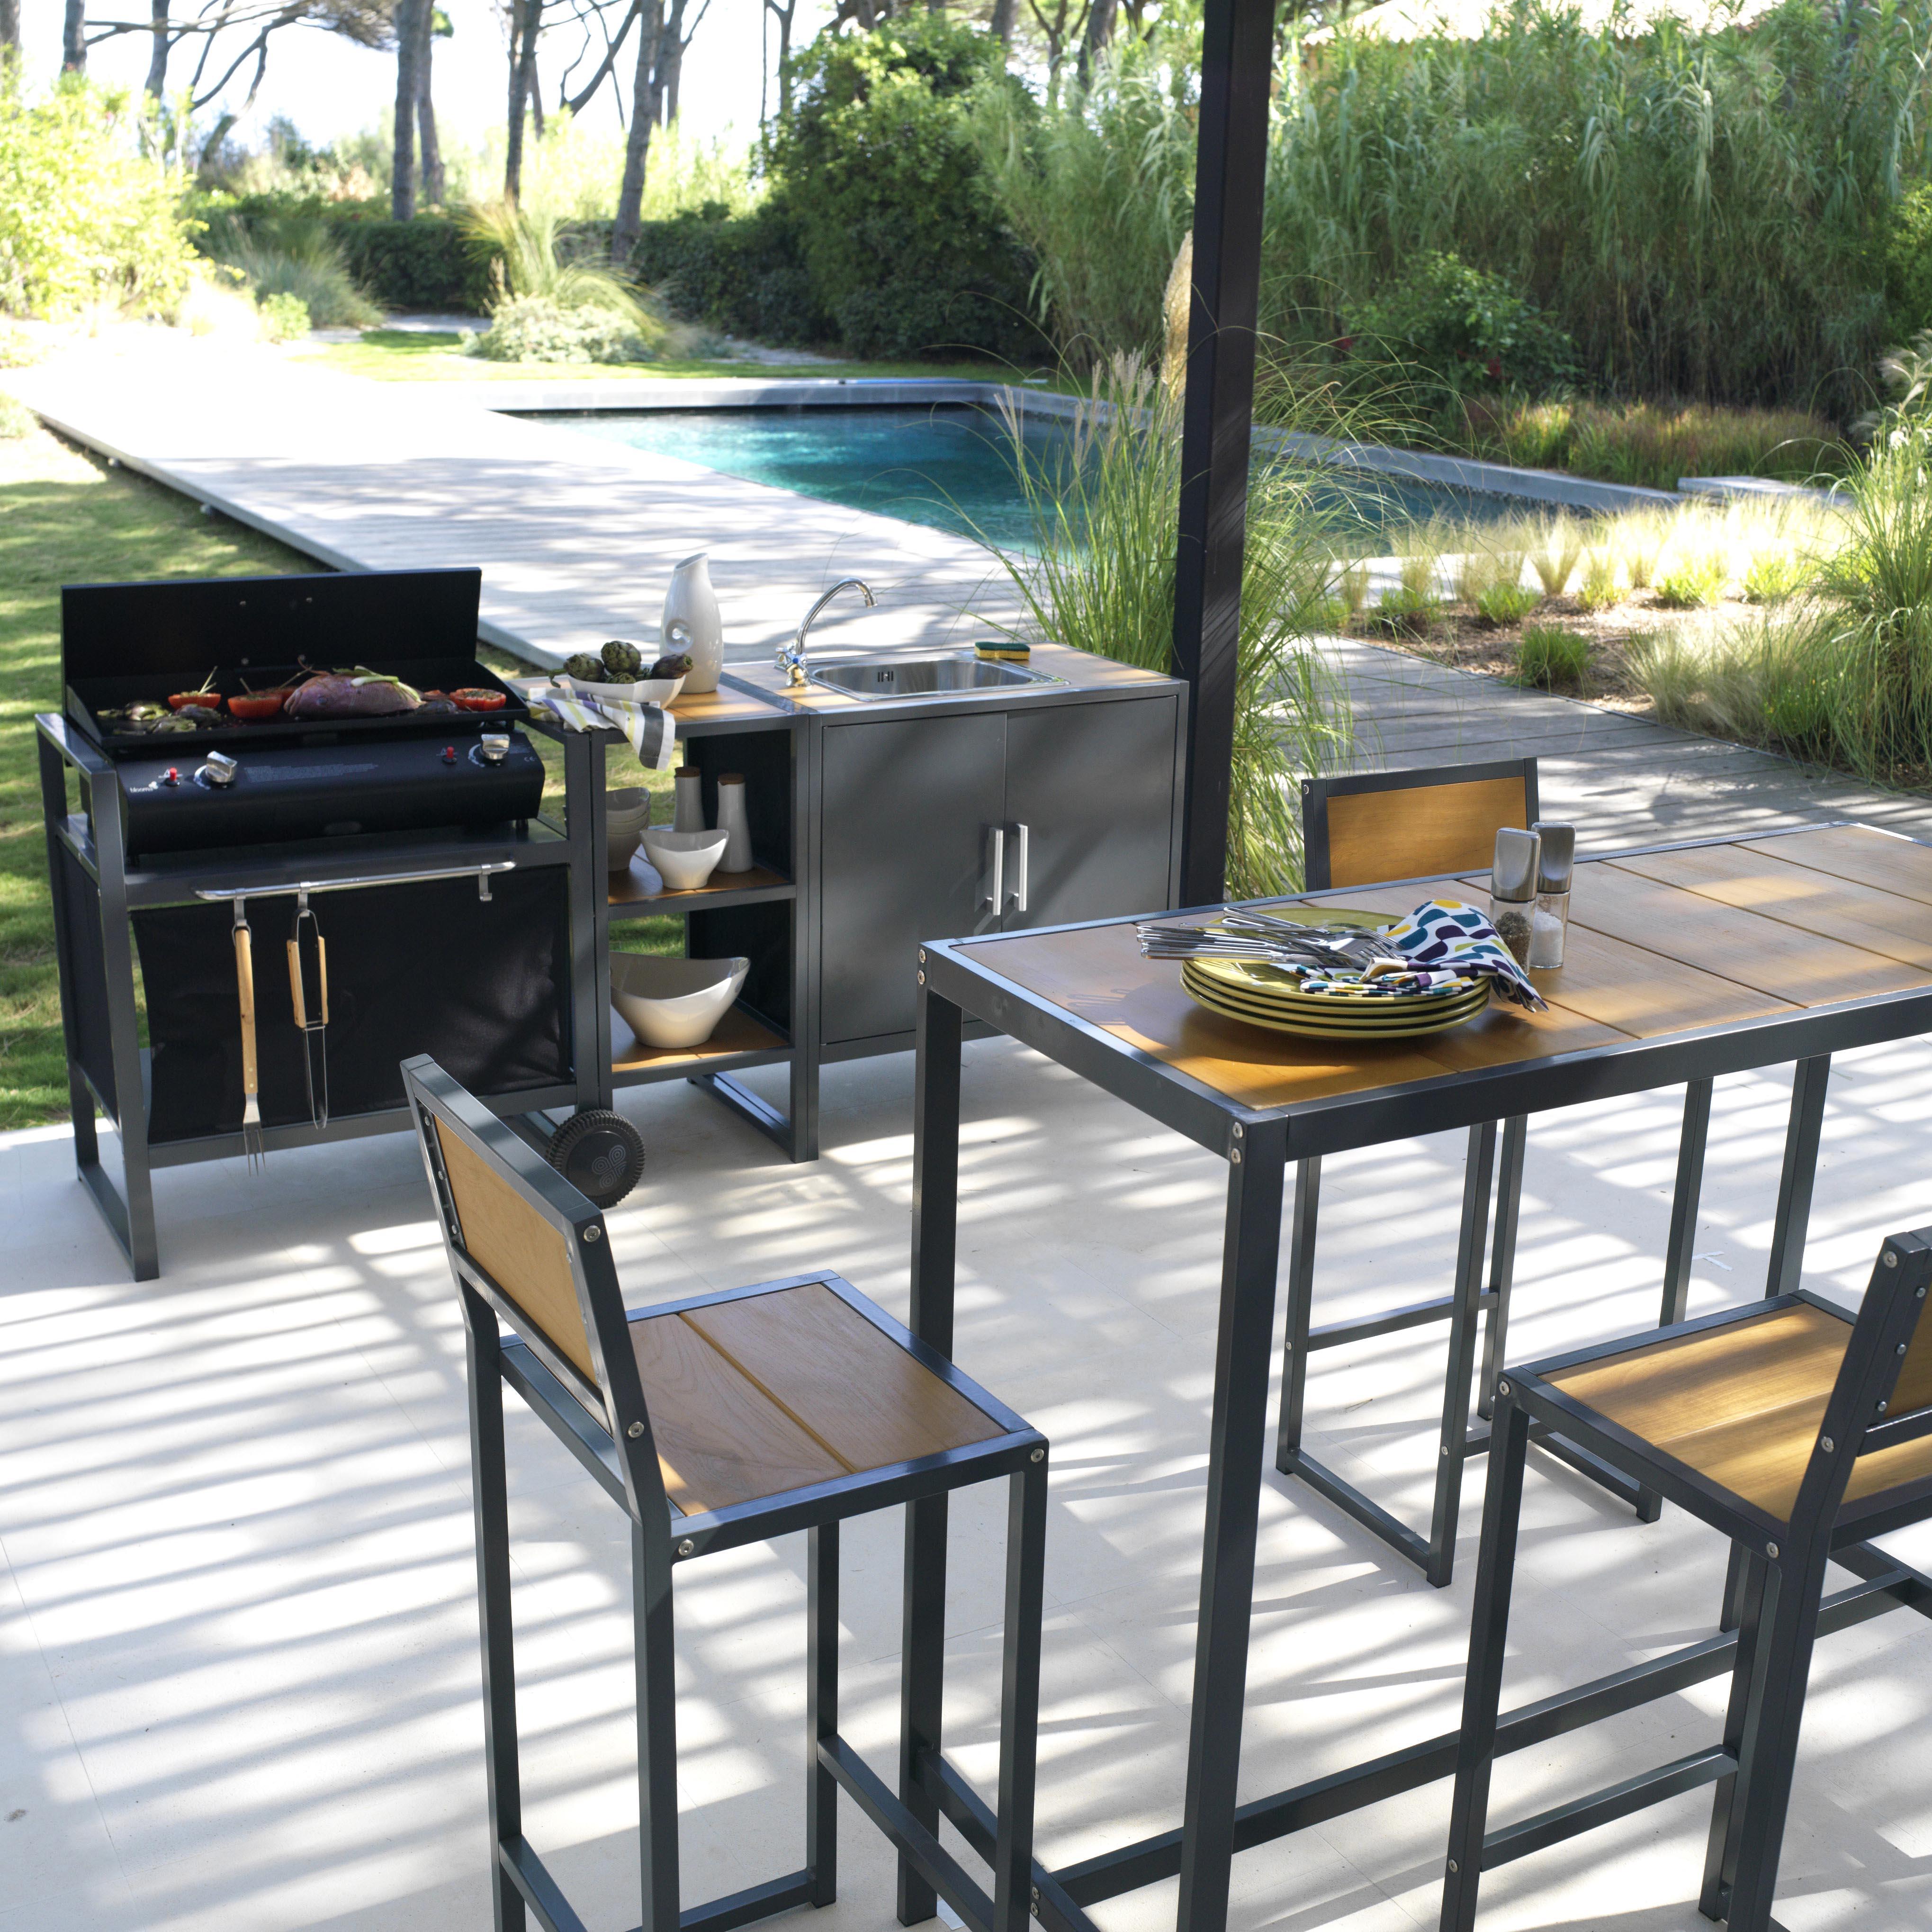 je veux am nager une cuisine d 39 t. Black Bedroom Furniture Sets. Home Design Ideas